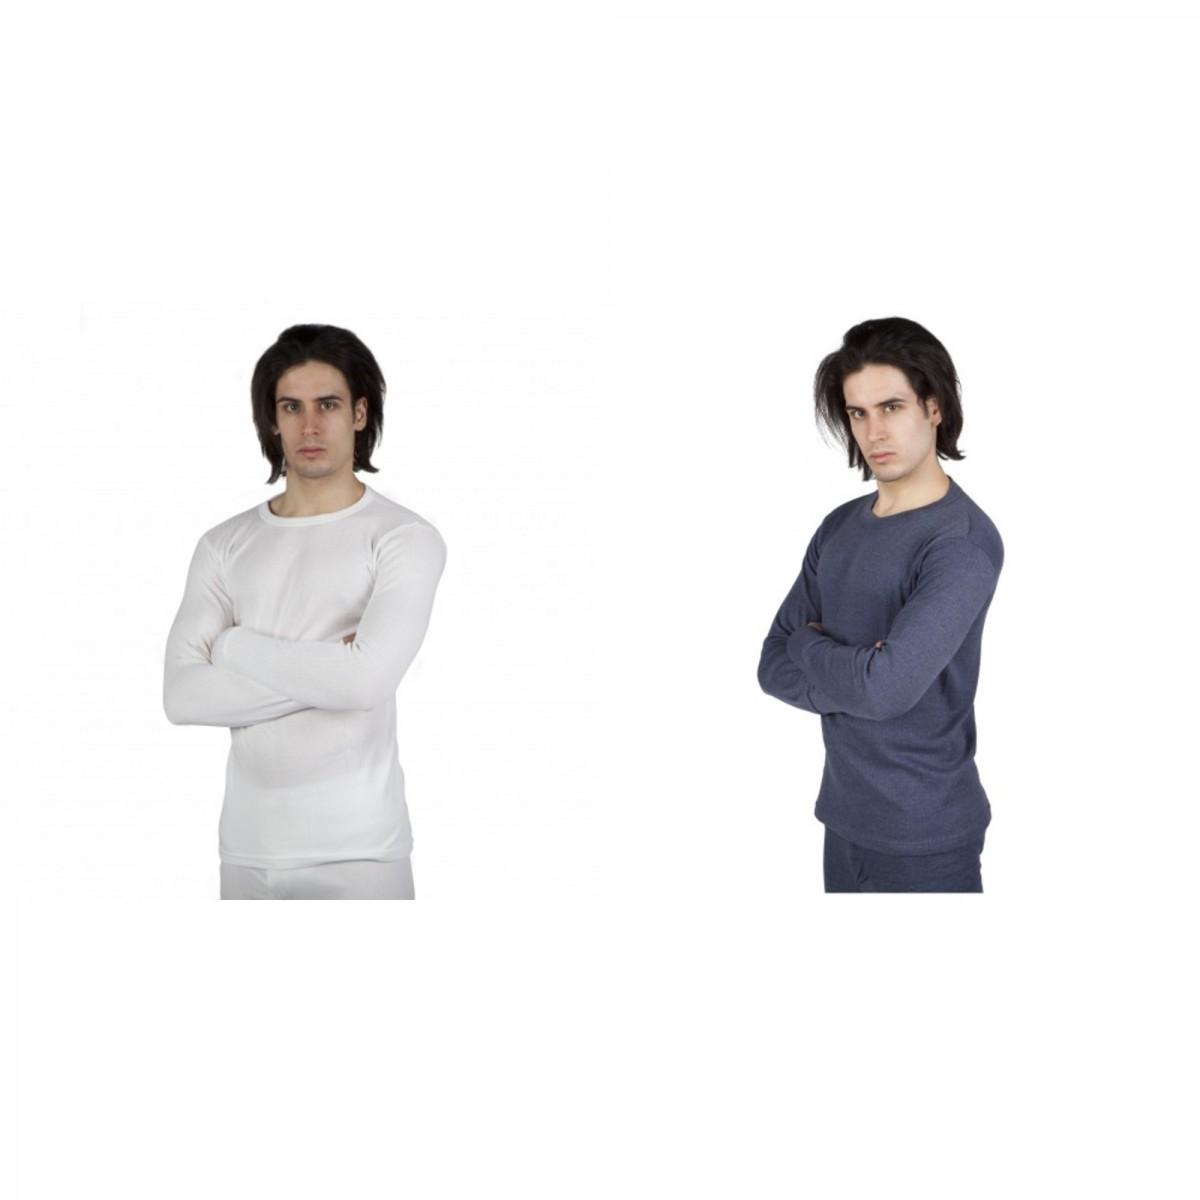 あったか防寒保温下着肌着サーマル長袖インナーTシャツトップス男性用 【楽天海外直送】